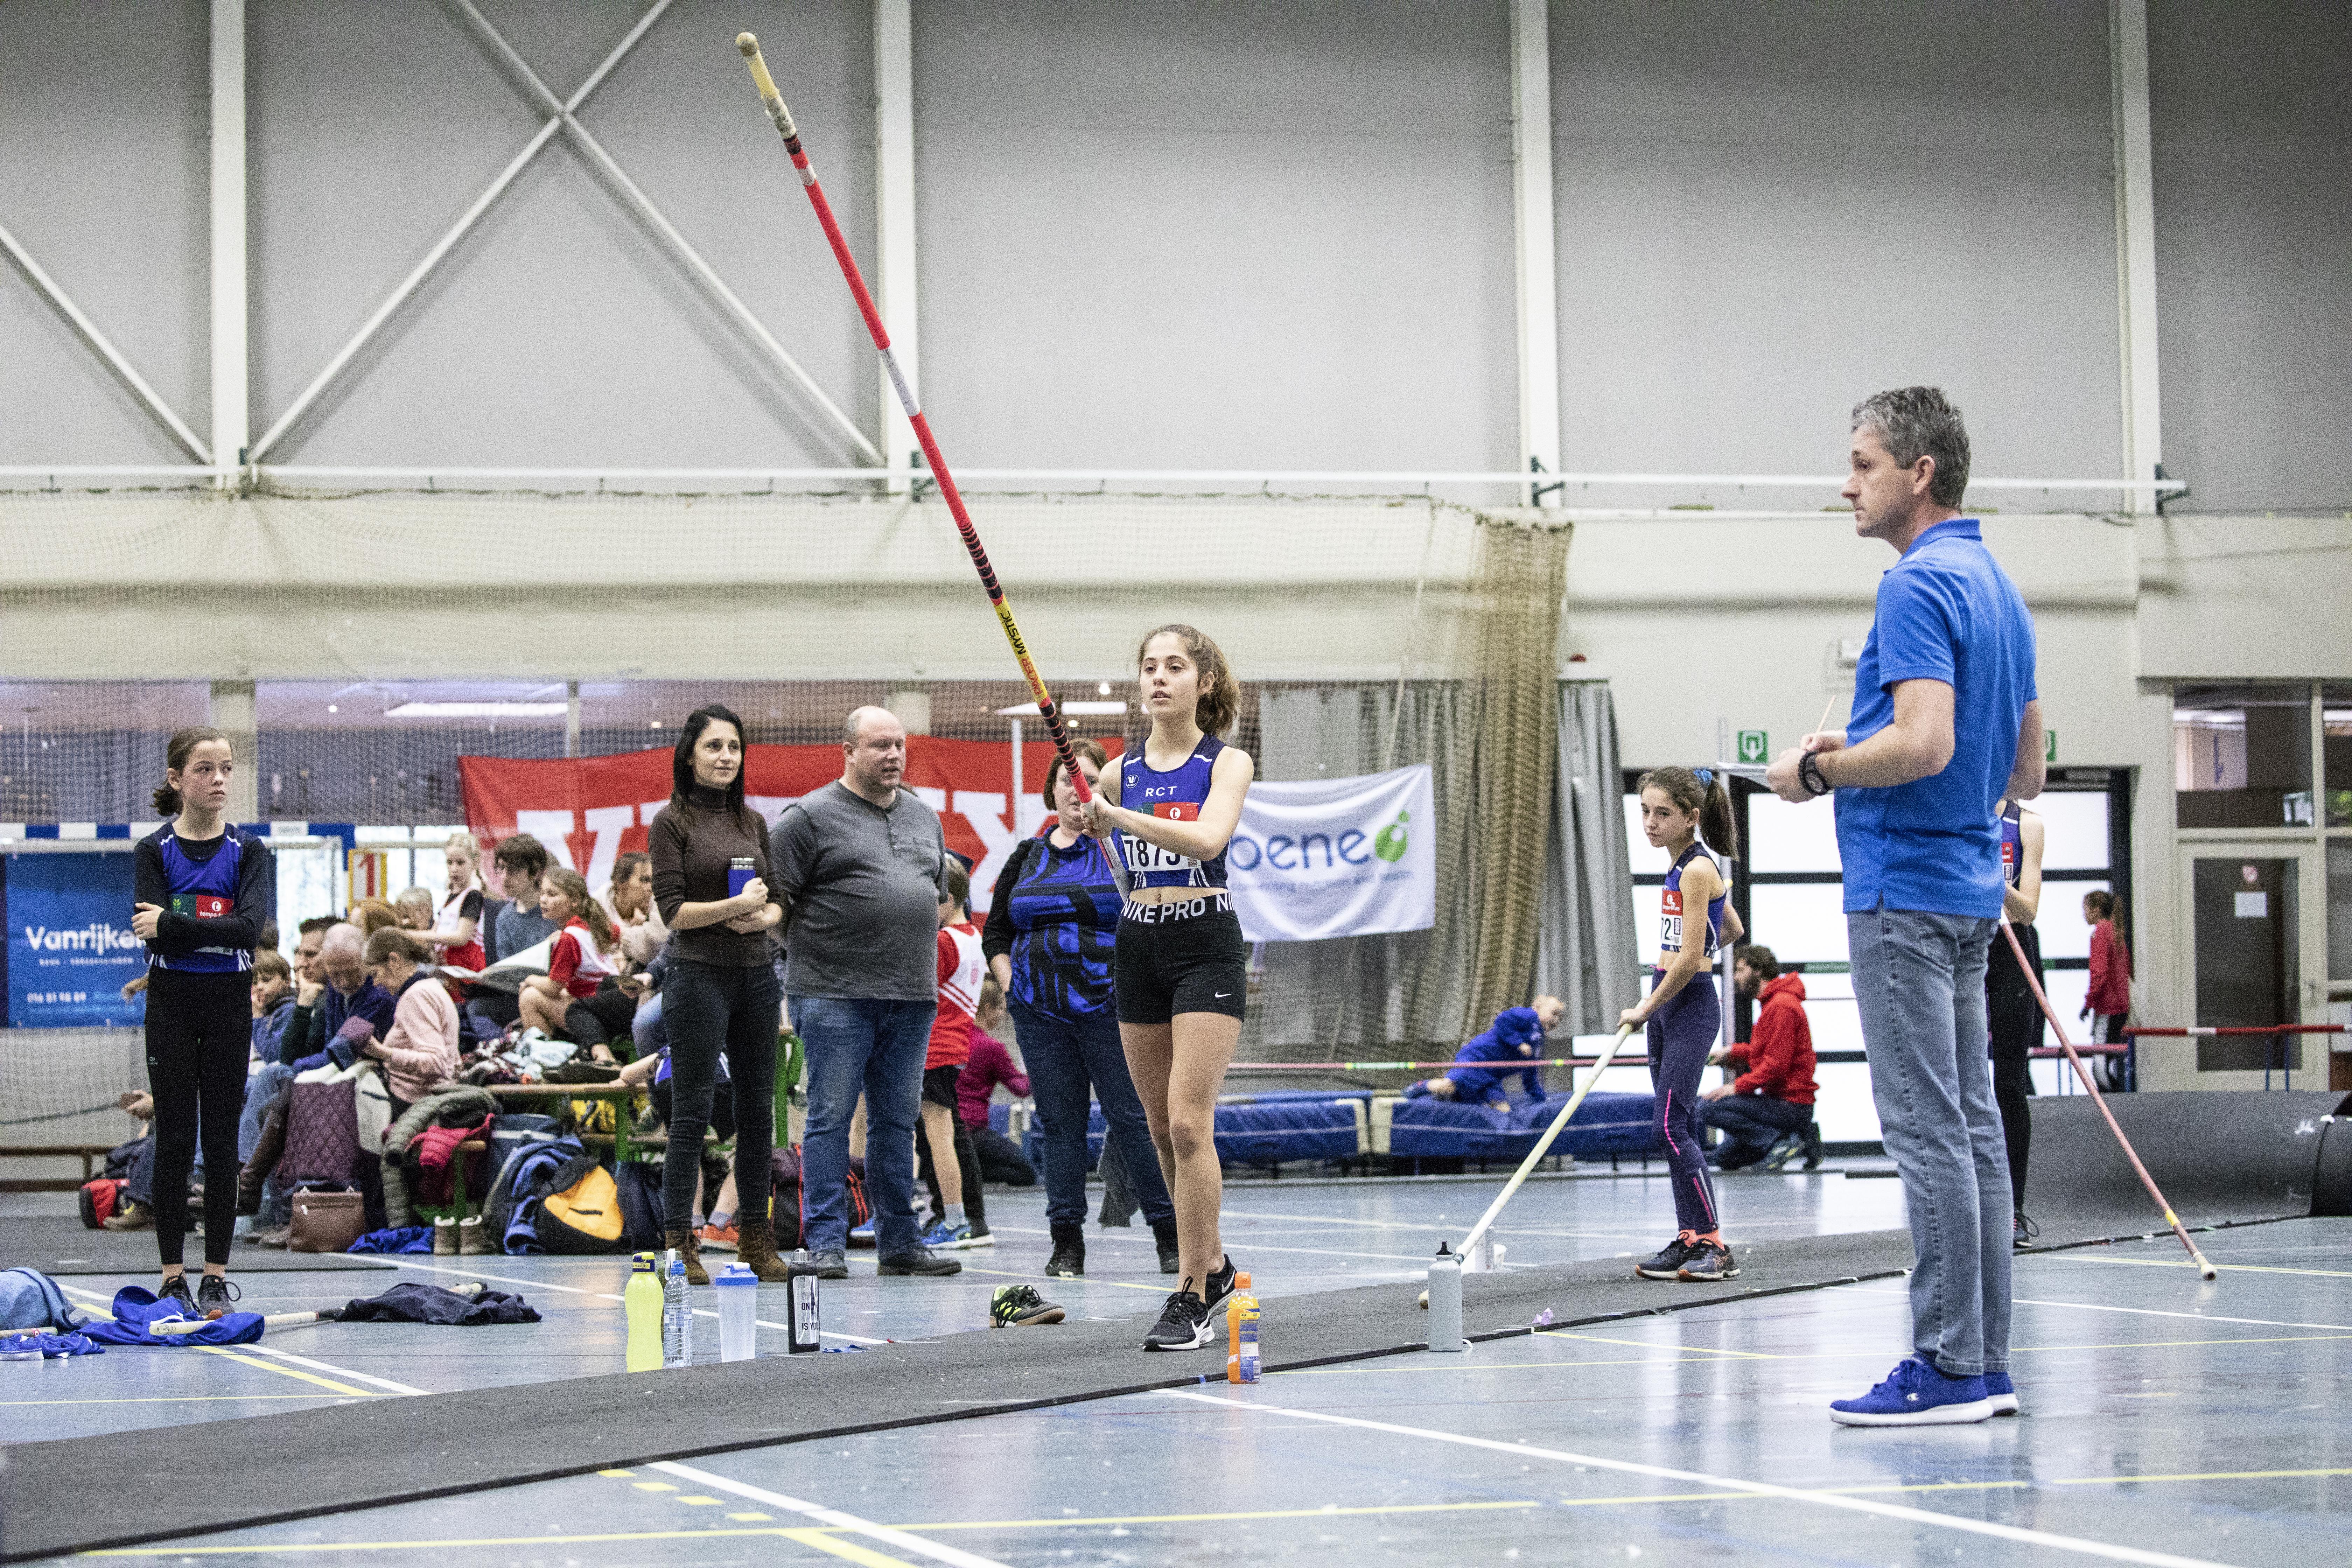 Indoormeeting jeugd en jeugdevent, Tienen, 21/12/2019